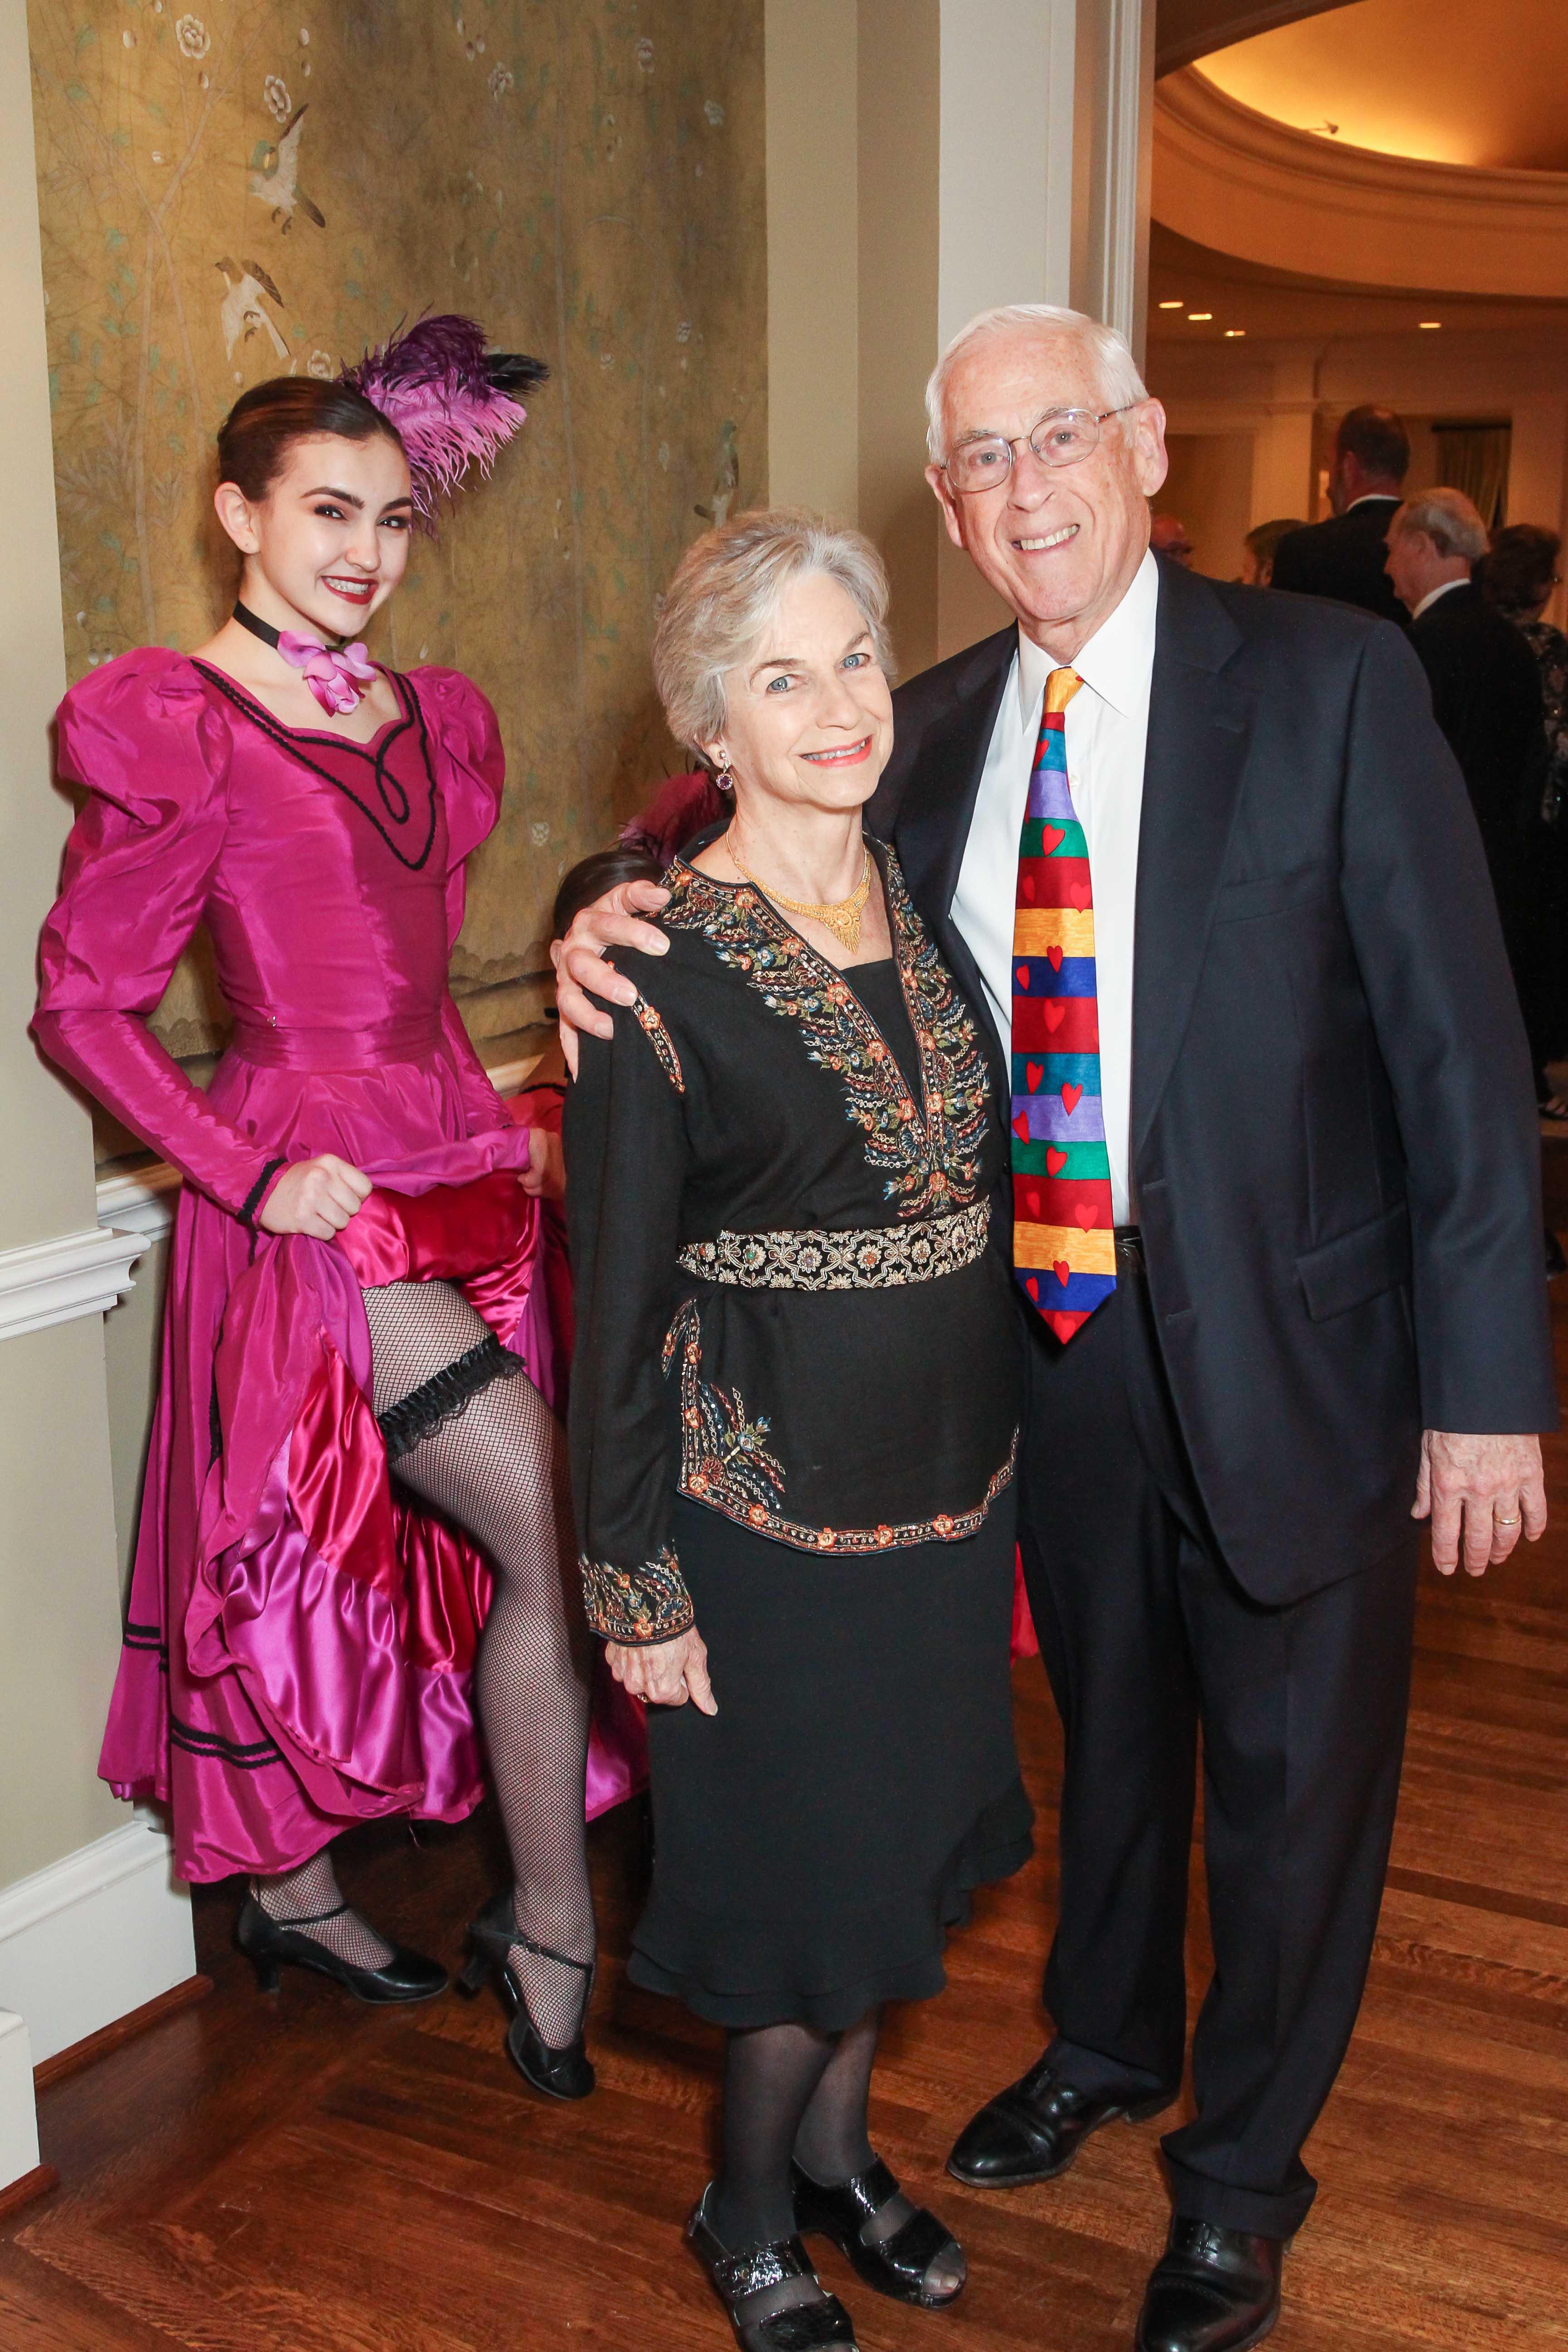 Anne and John Mendelsohn